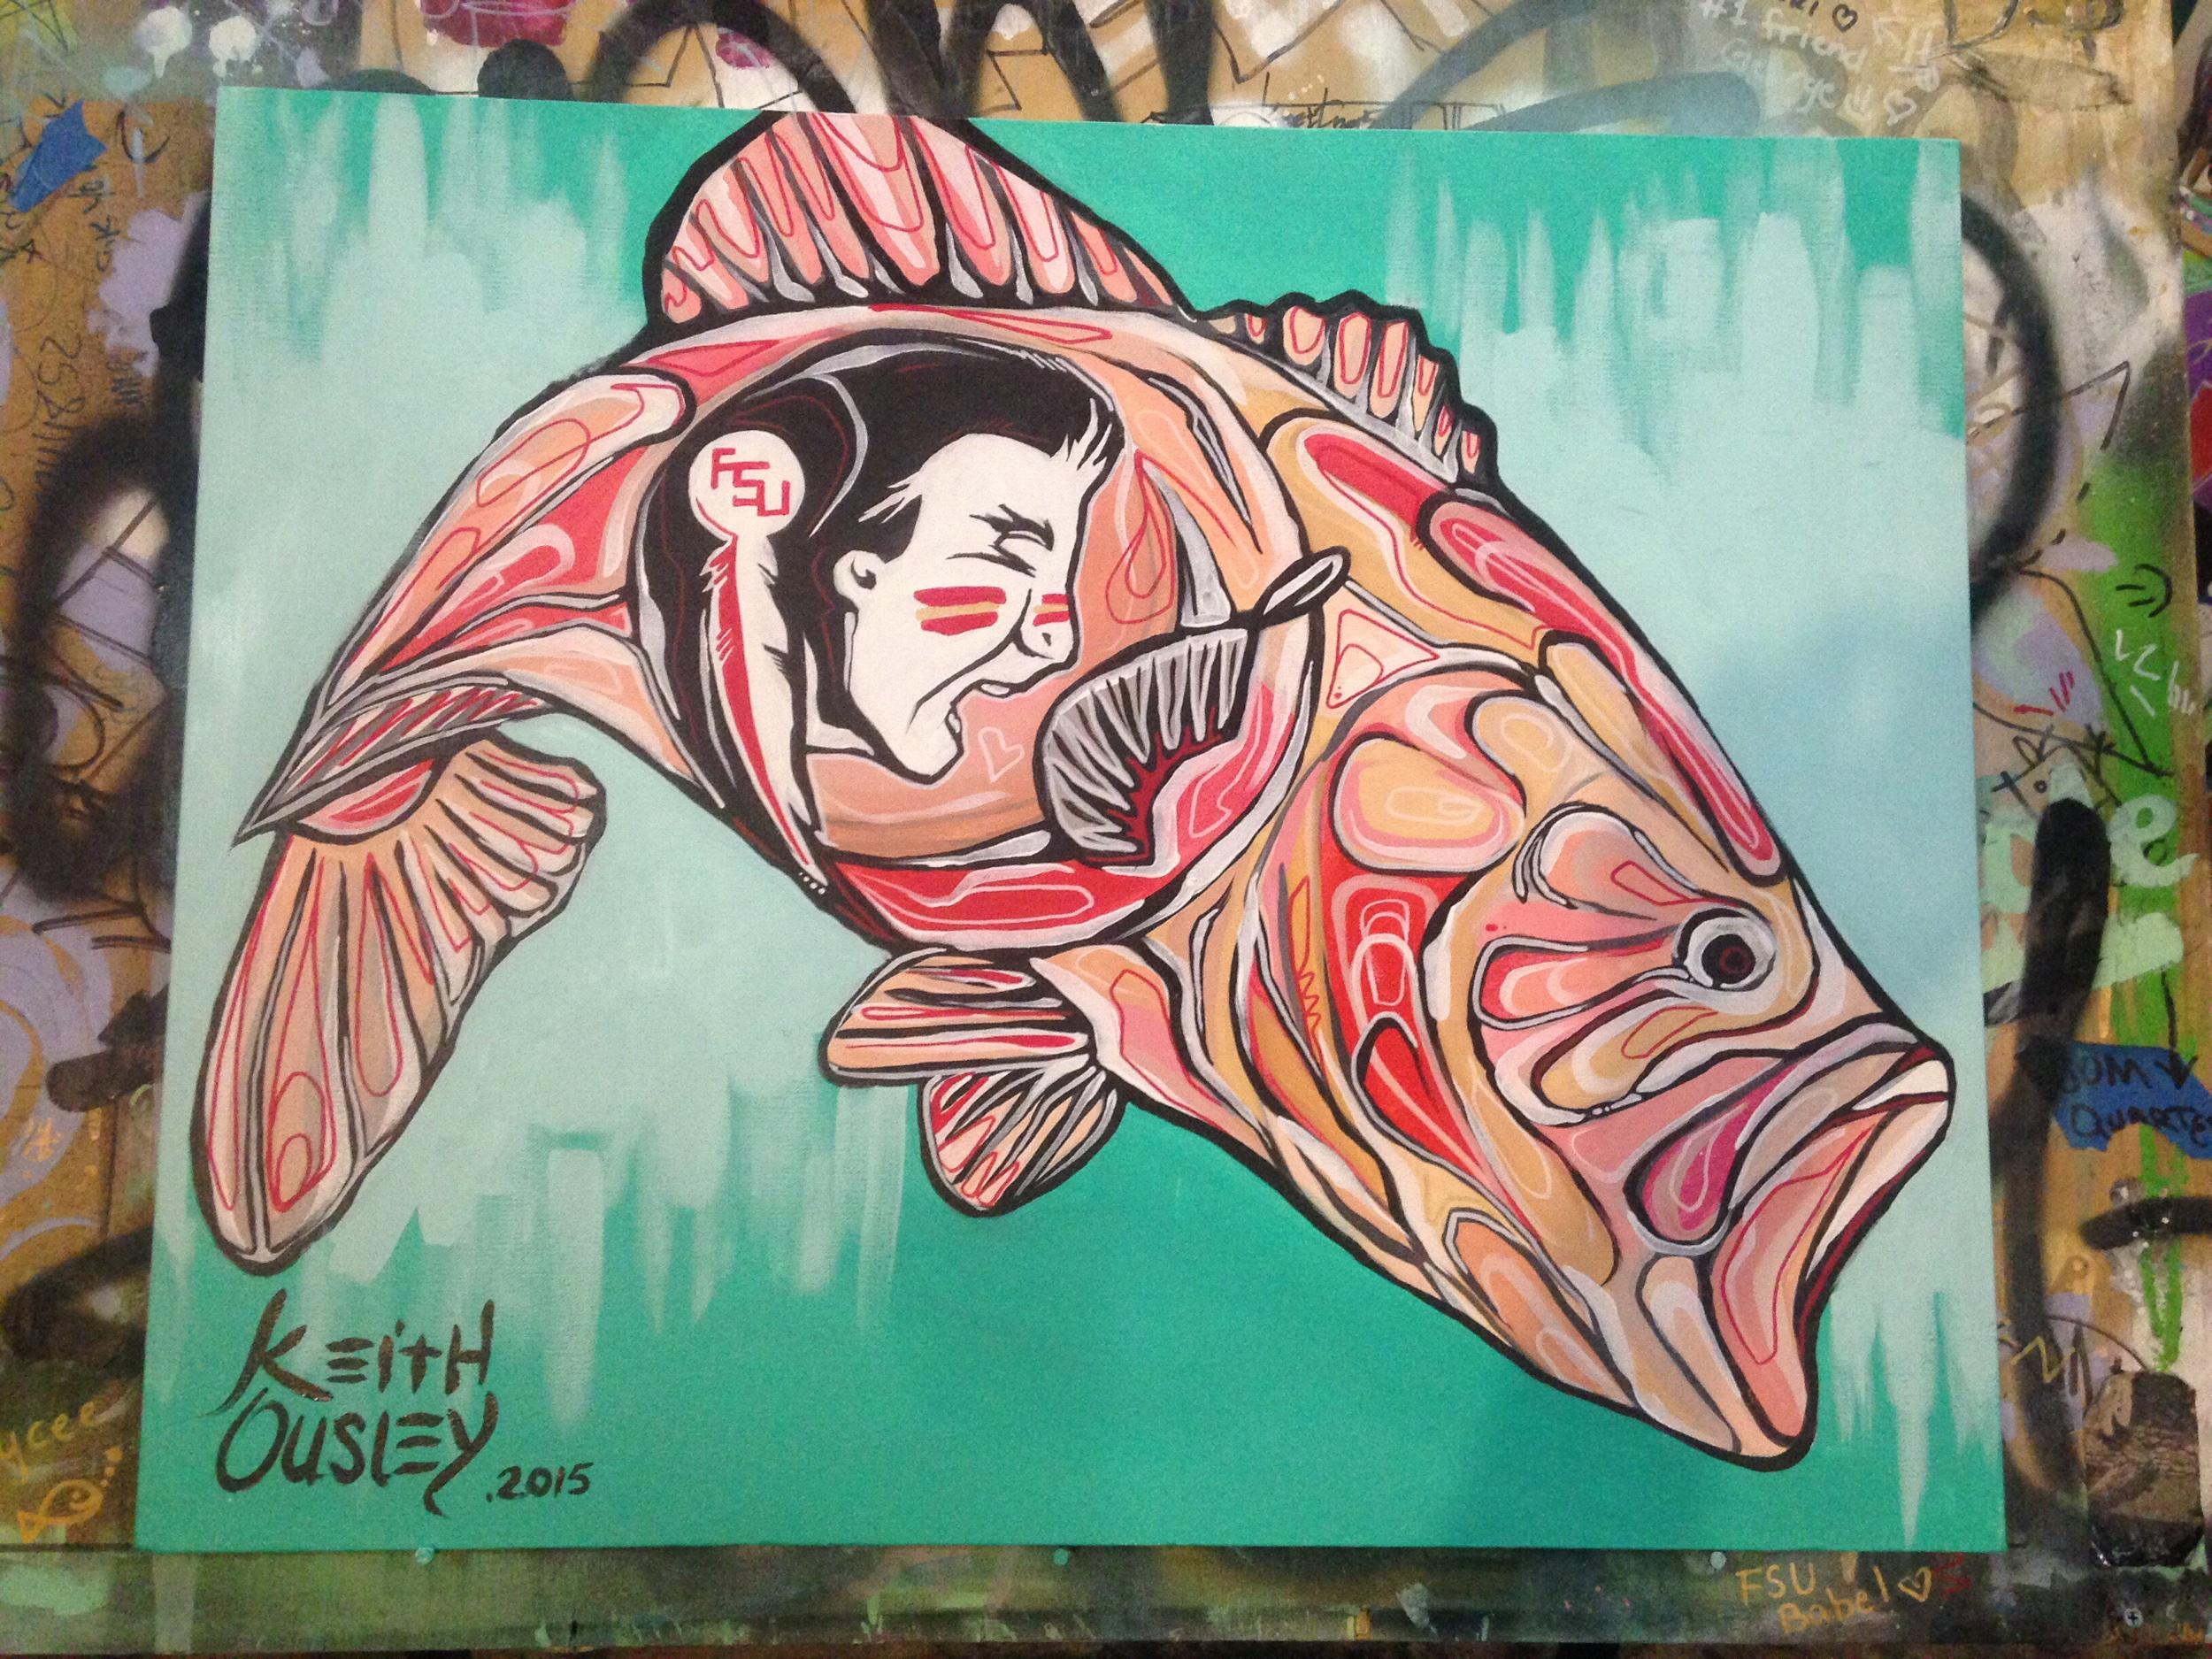 2x3ft acrylic on canvas